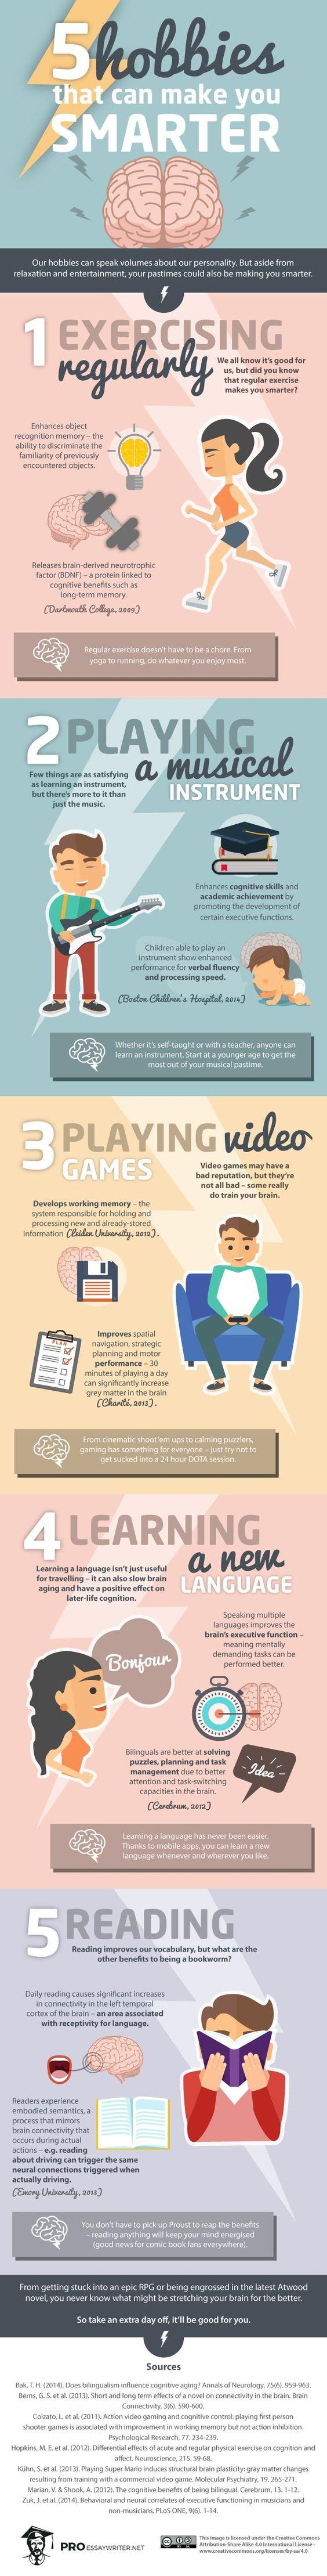 Top Hobbies Infographic